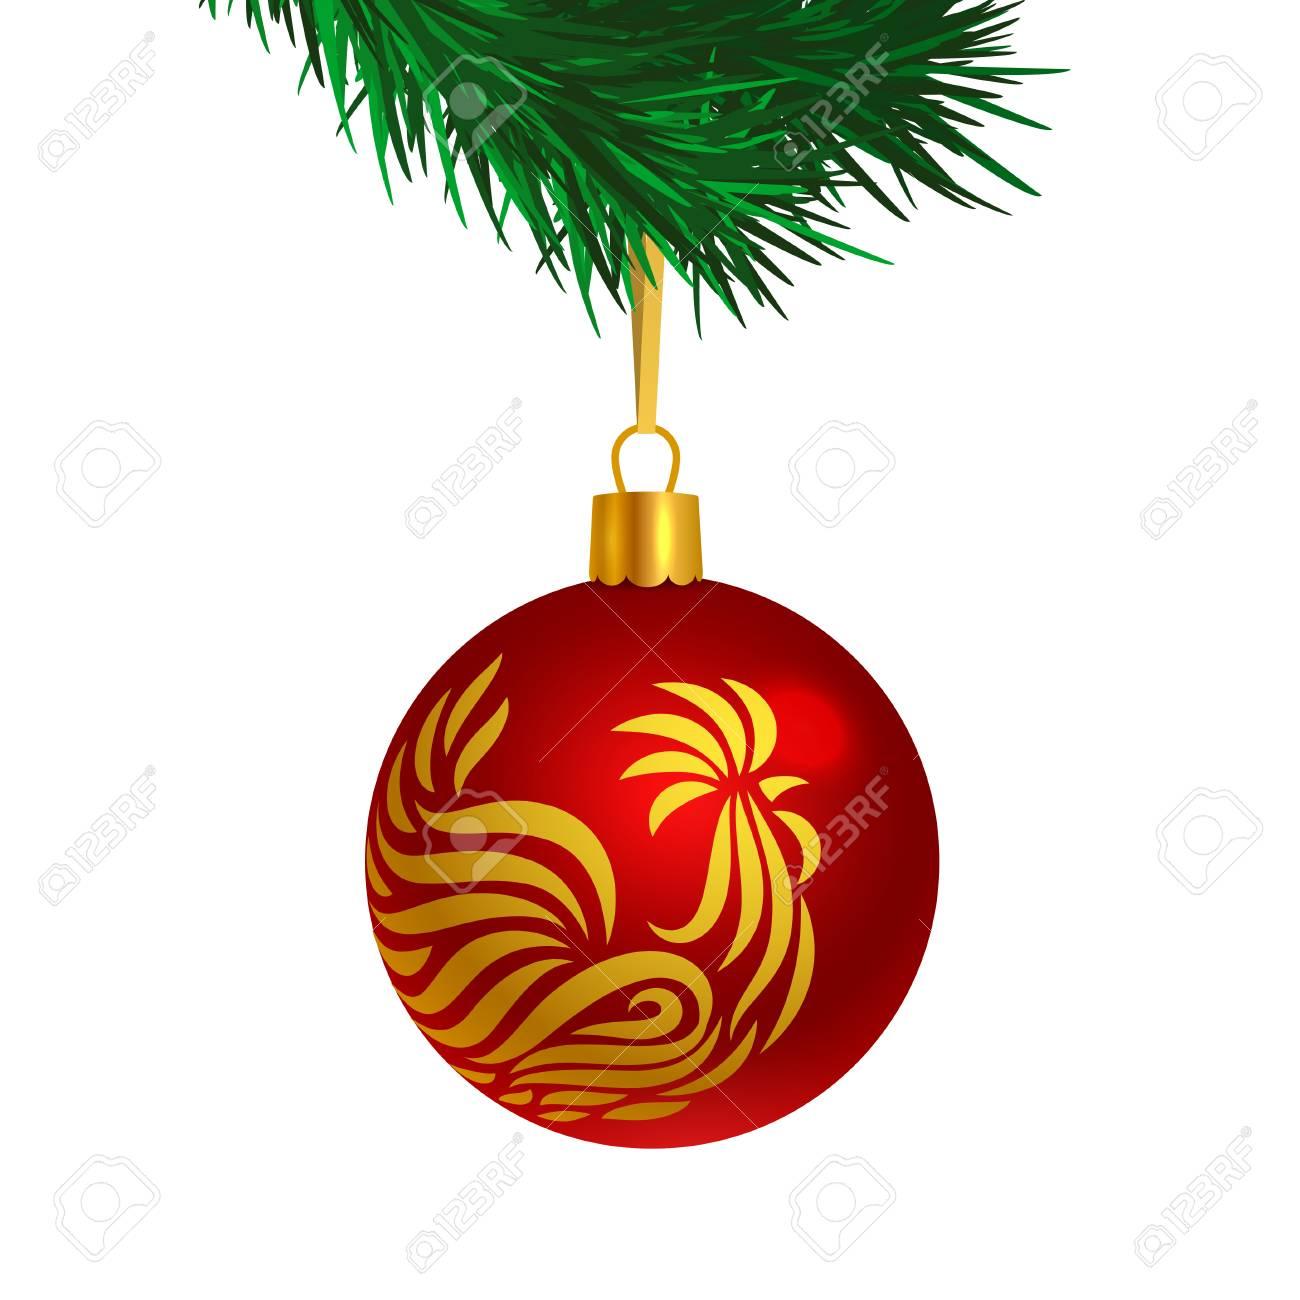 Boule De Sapin De Noël De Couleur Rouge Avec Logo Coq Sur Les